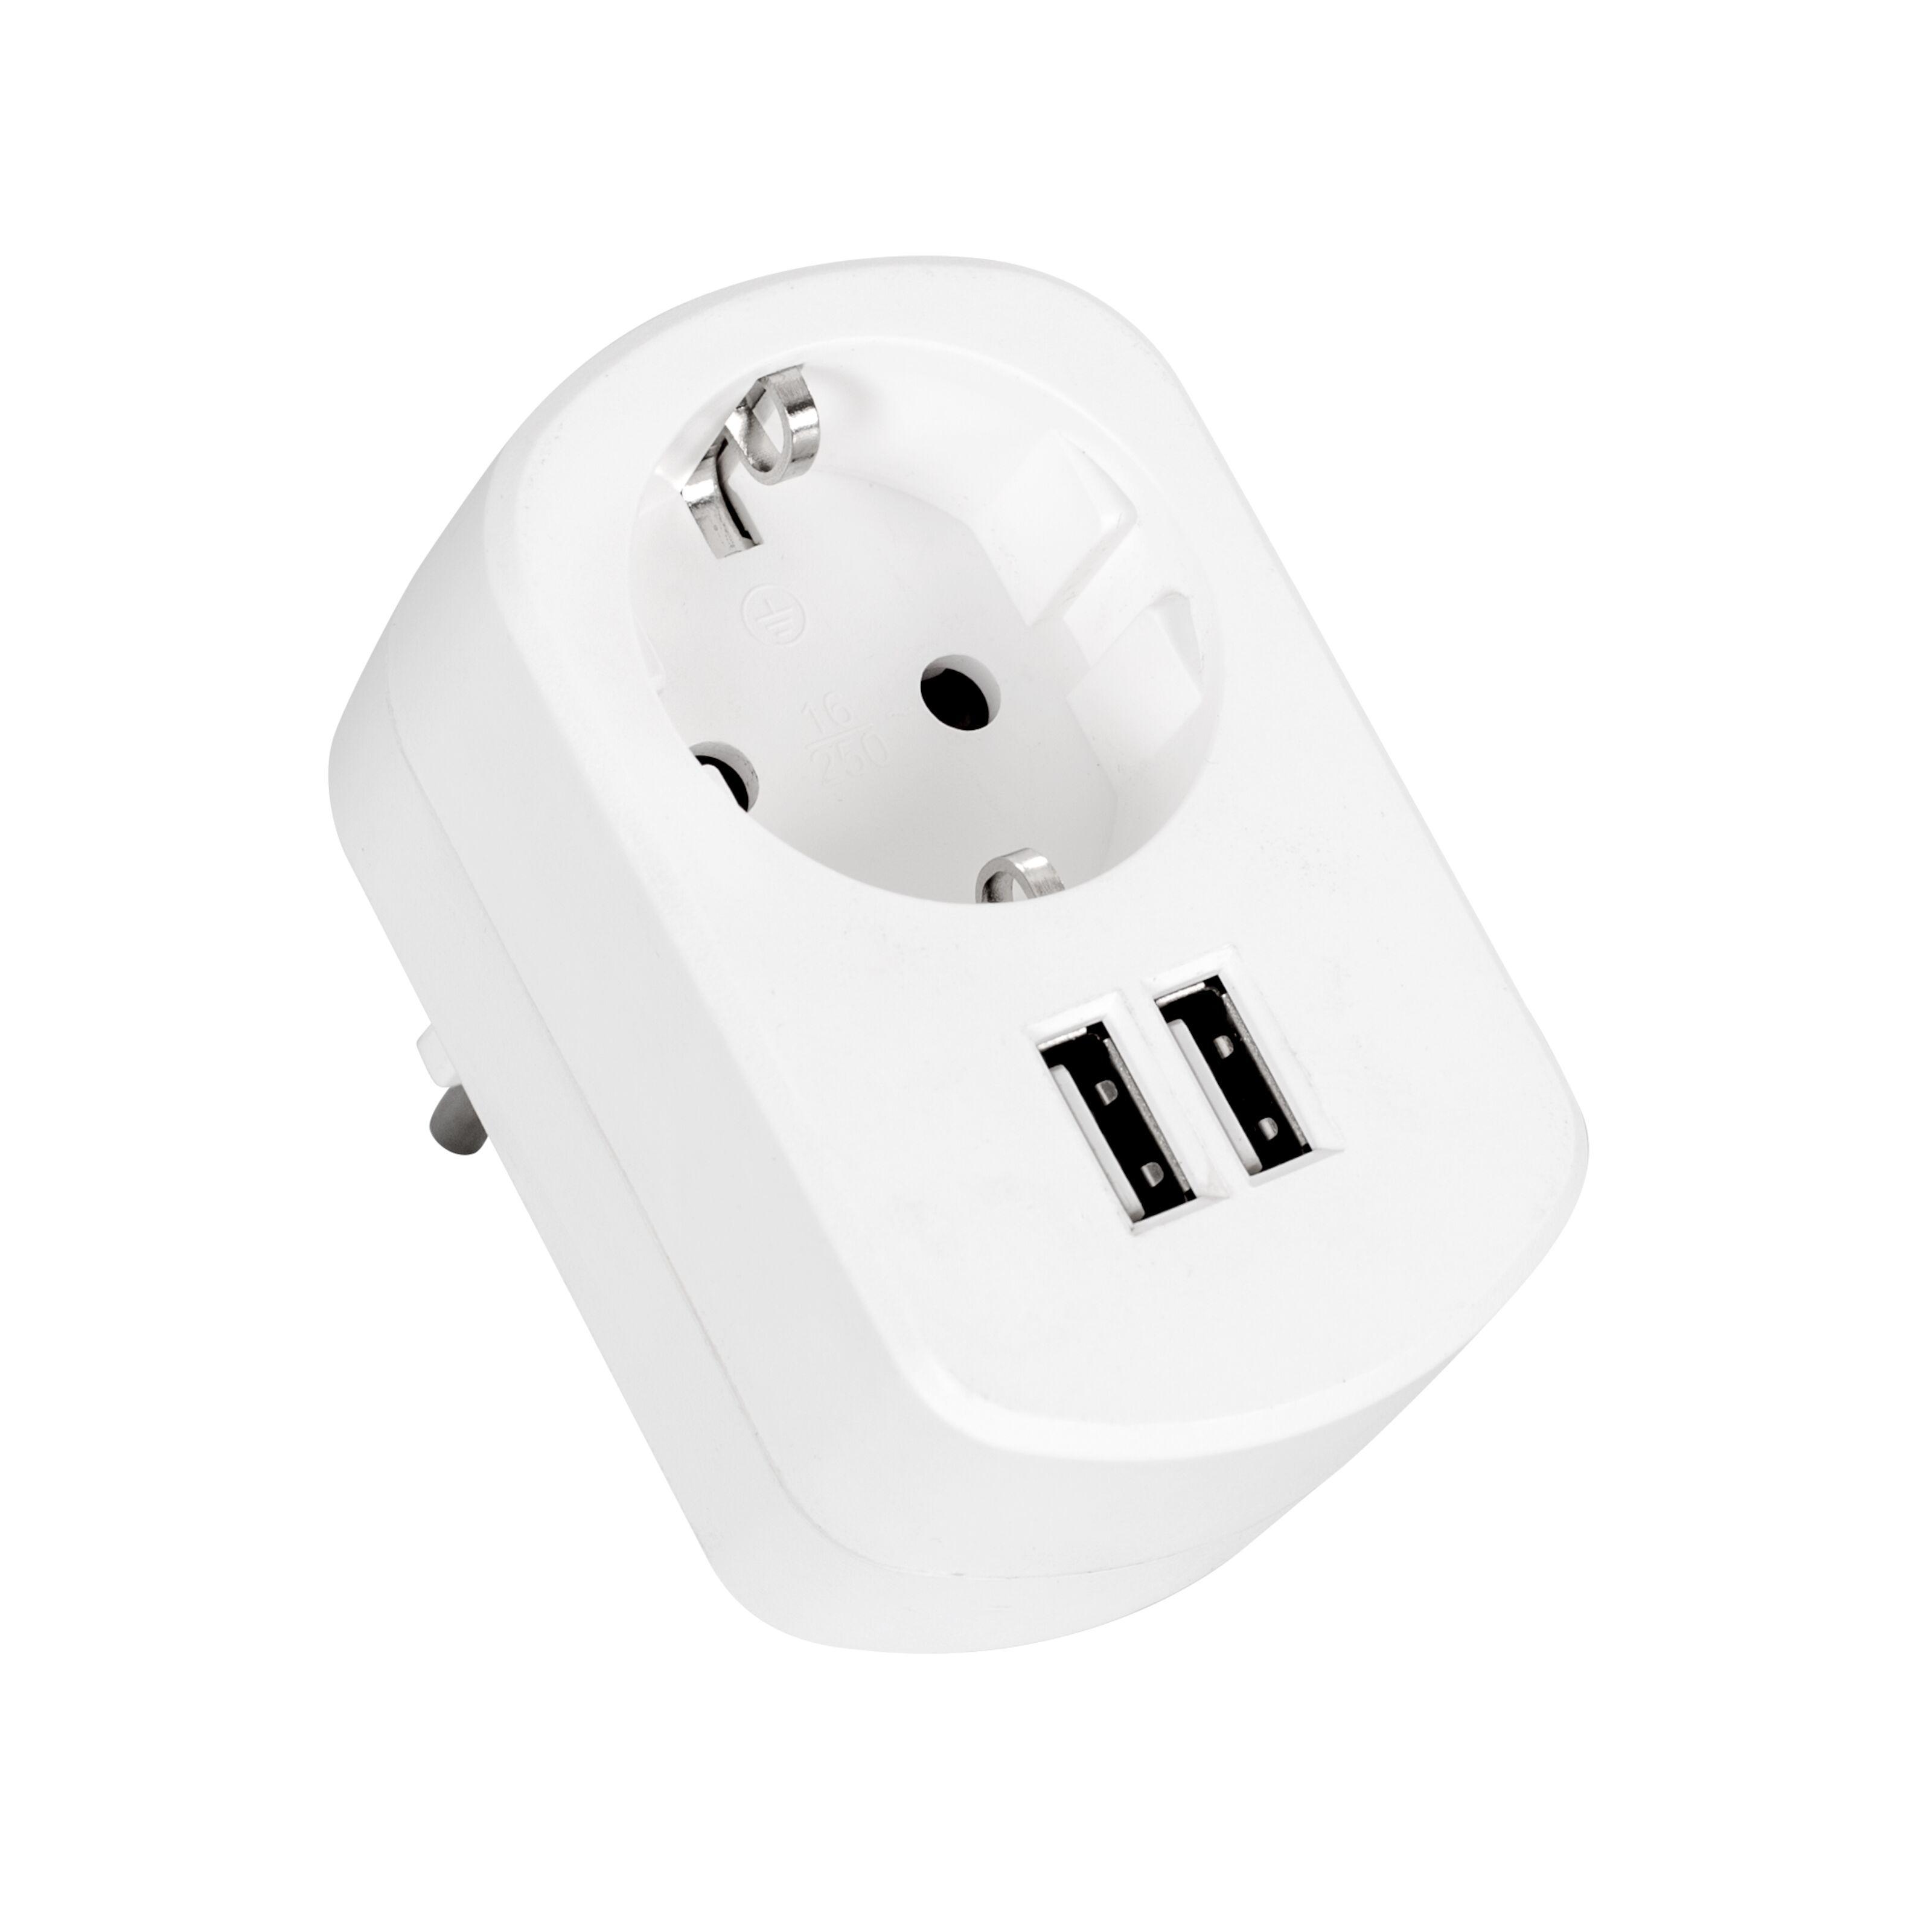 3,1 A USB laddare med genomgångsuttag 2 portar